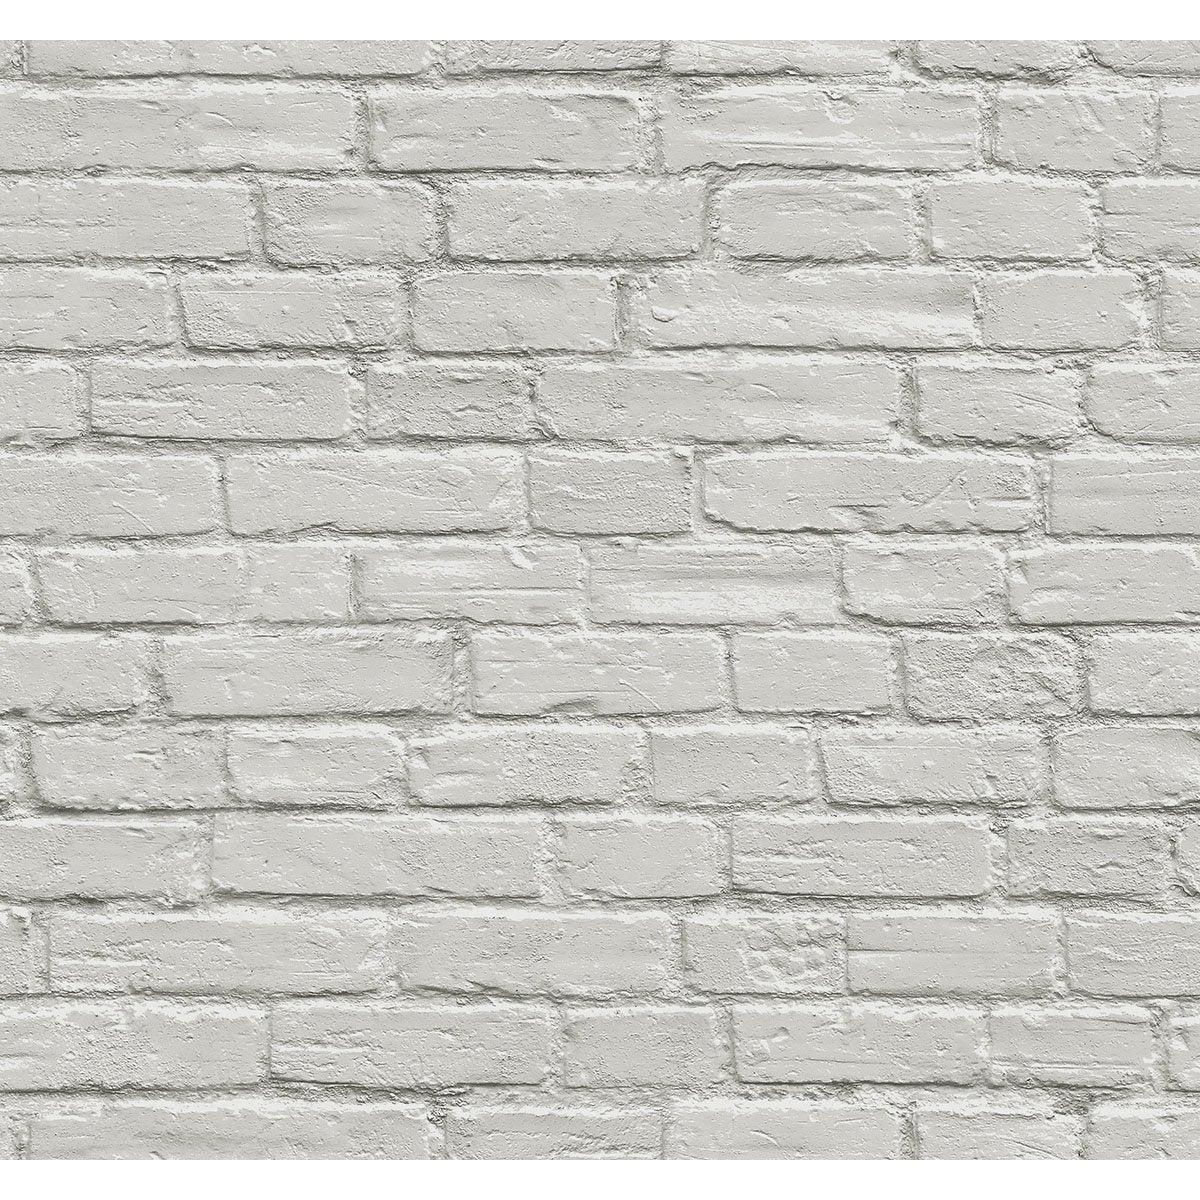 Papier Peint Vinyle Brique 3d Gris Leroy Merlin